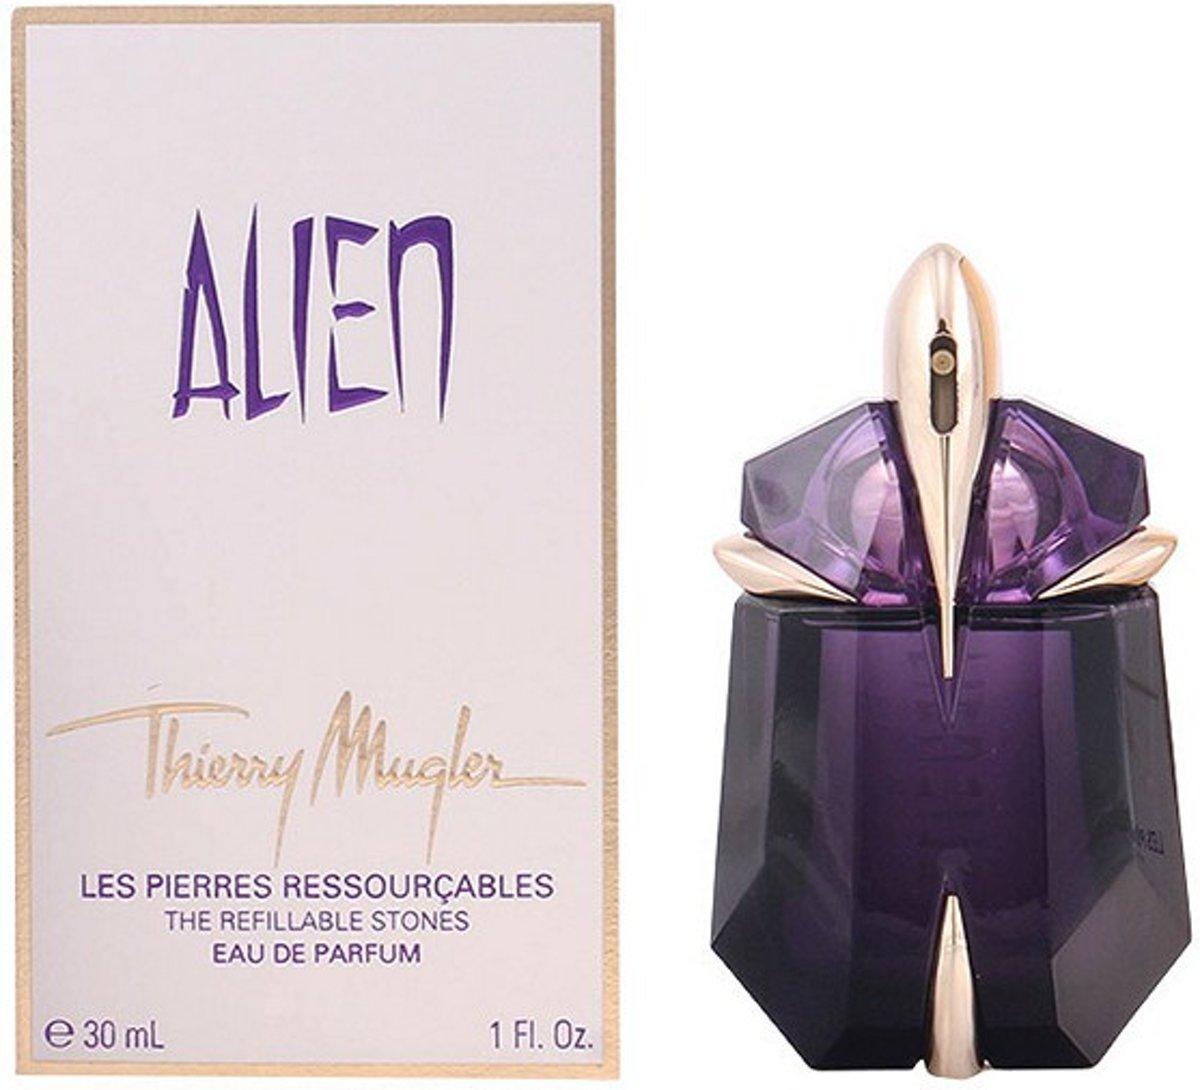 Bolcom Thierry Mugler Alien 30 Ml Eau De Parfum Damesparfum